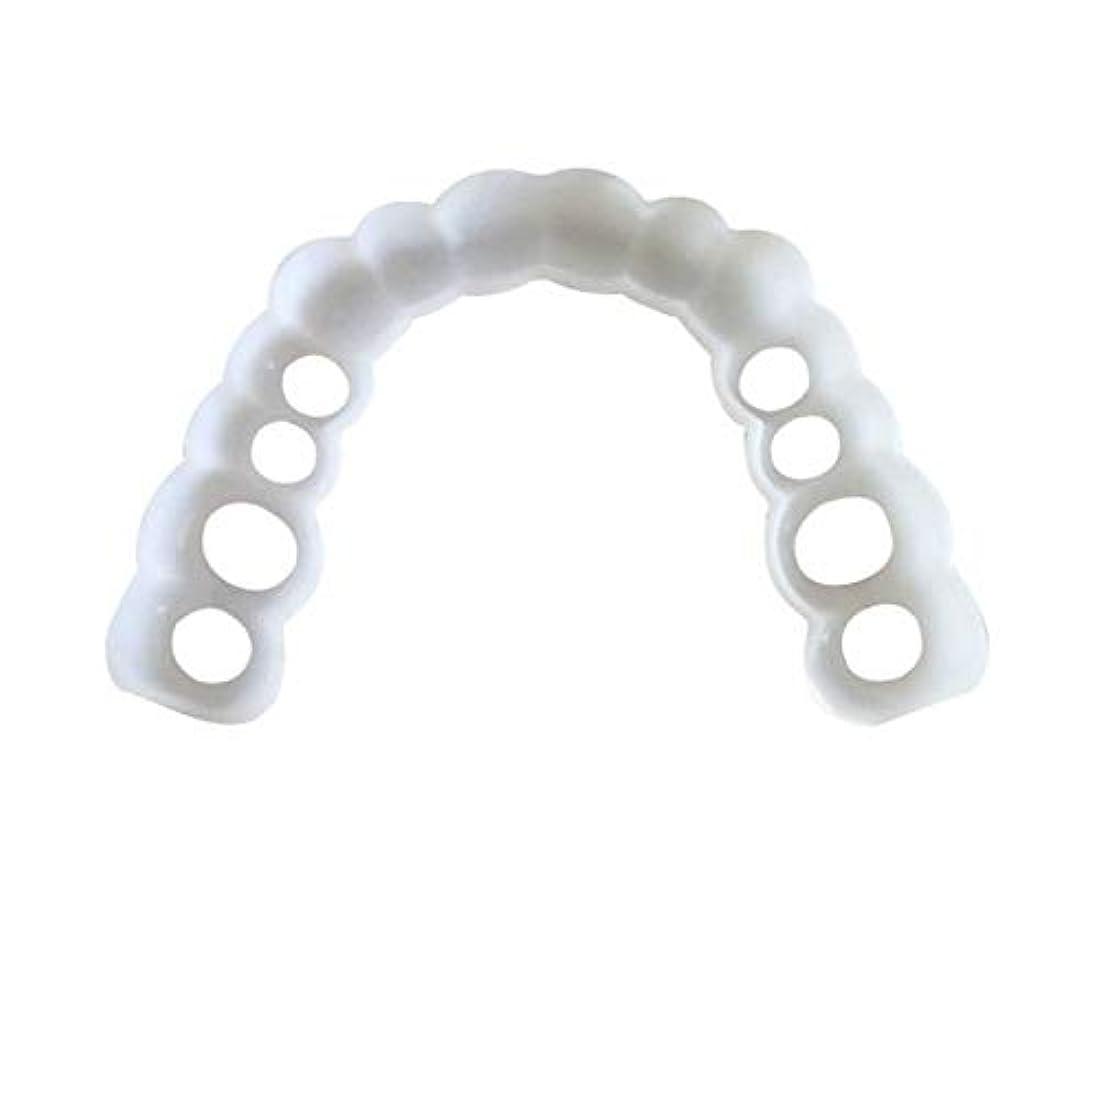 注意ポジティブ規制777/5000 1組の一時的な化粧品の歯義歯の歯の化粧品の模擬装具アッパーブレース+ロワーブレース、インスタント快適なフレックスパーフェクトベニア上の歯のスナップキャップ